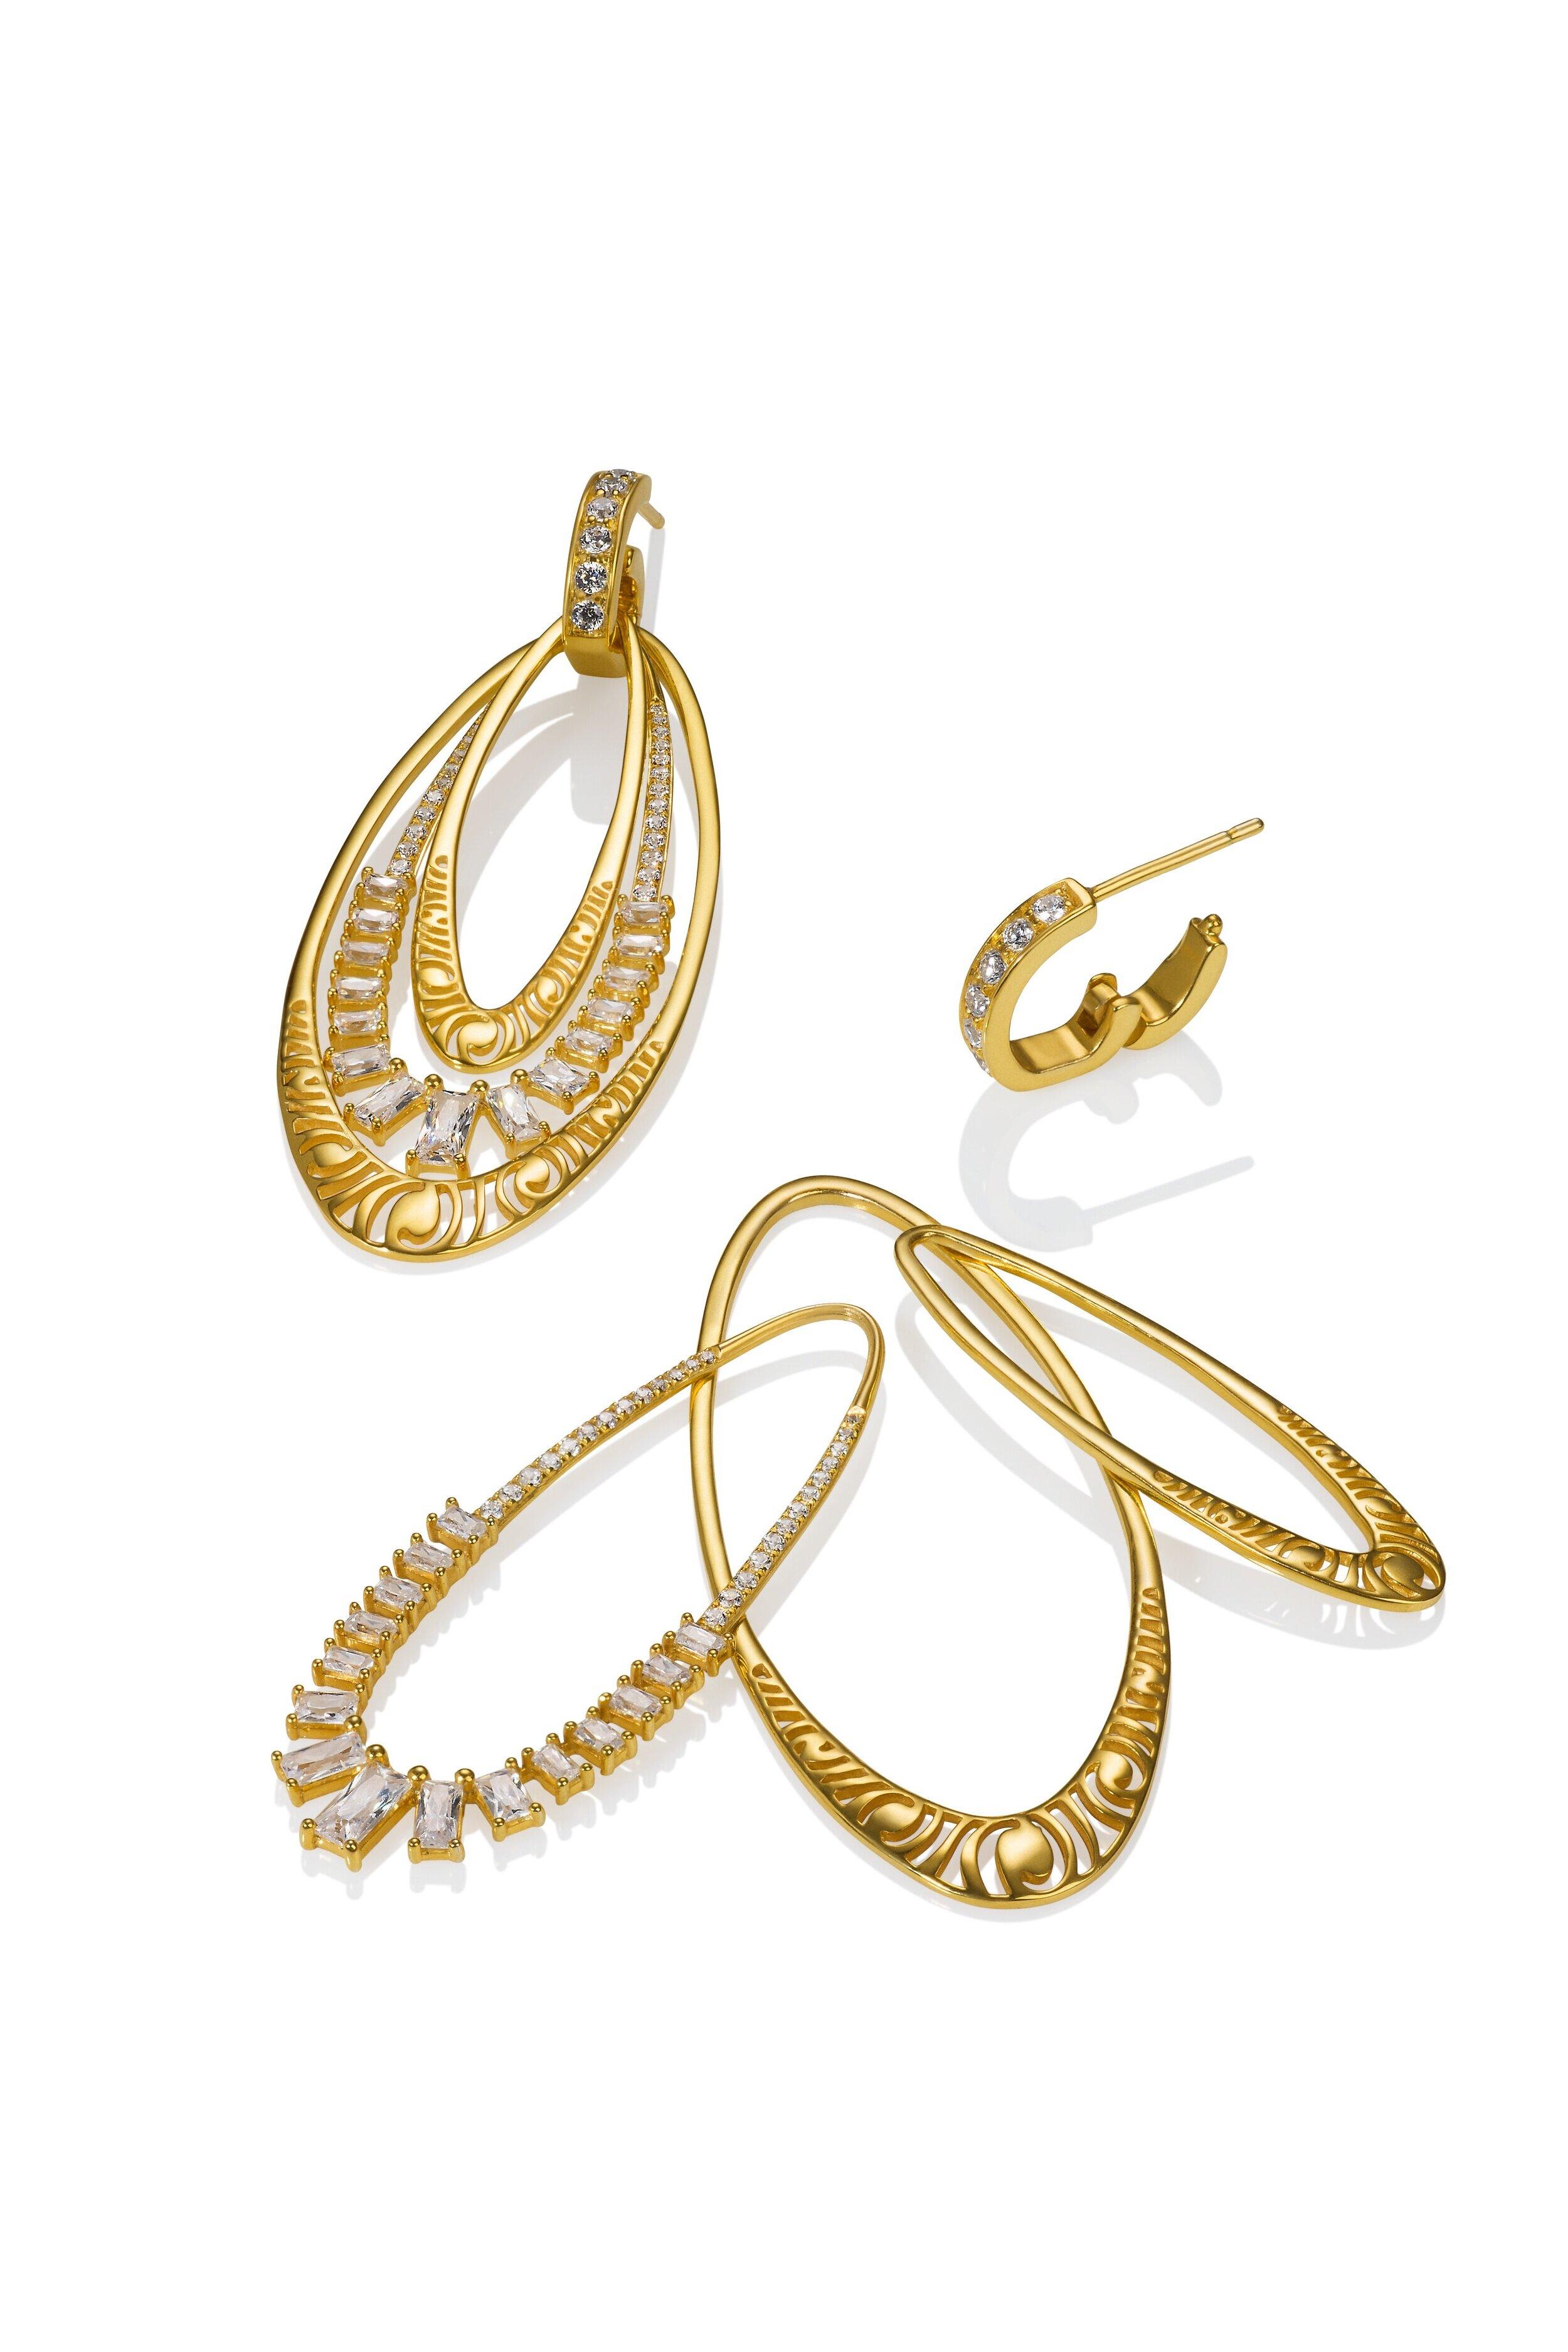 LYRA - Interchangeable Earrings - 14ky + White Topaz - Story.jpg